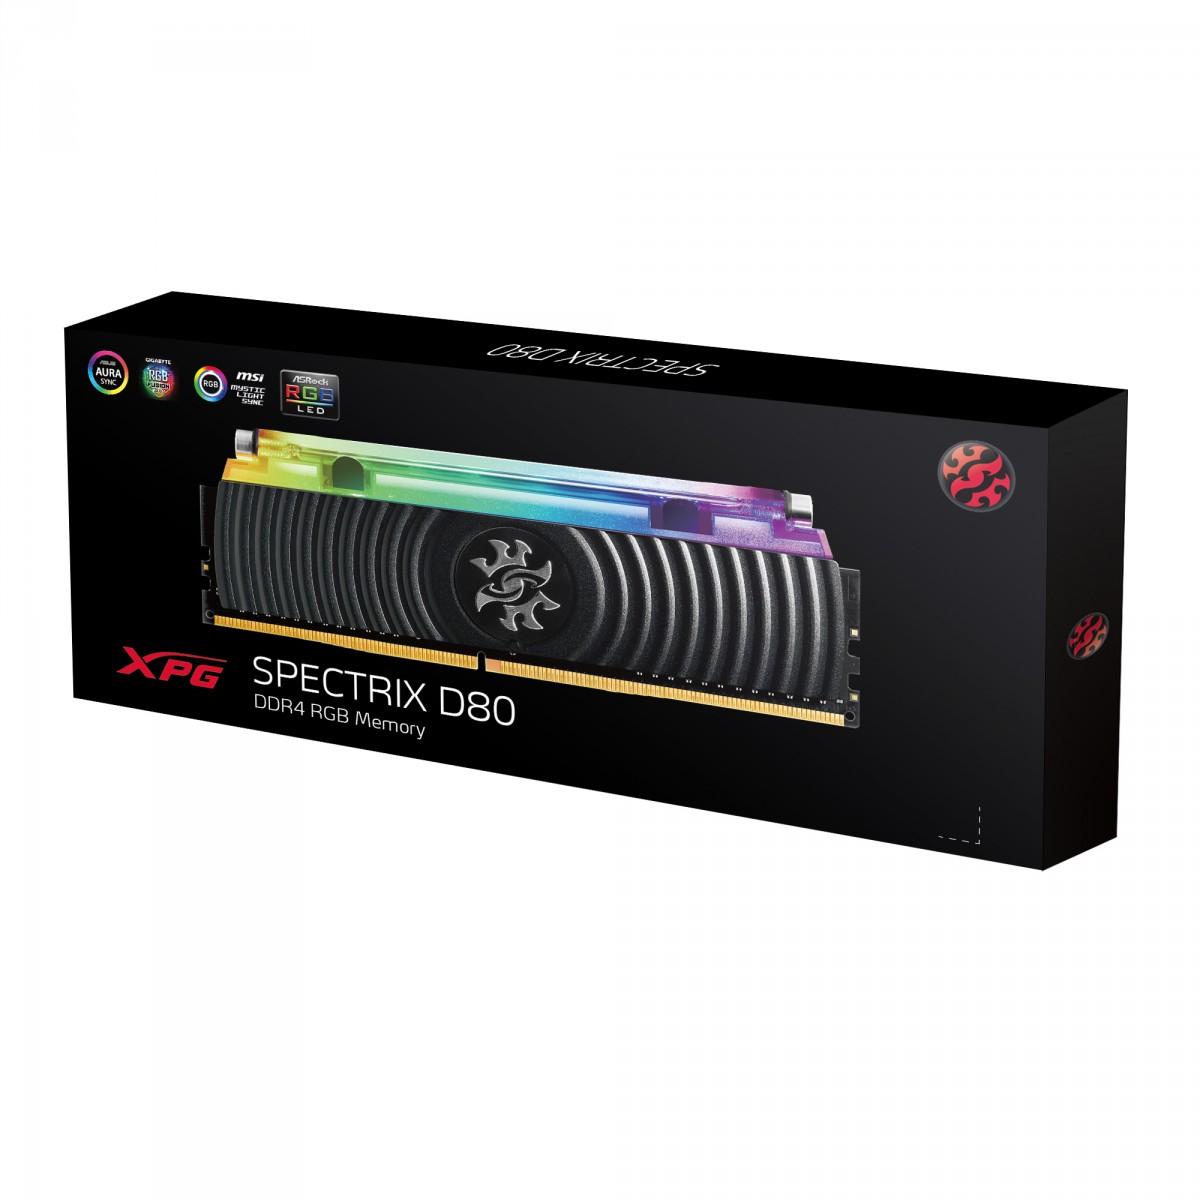 Memória DDR4 XPG Spectrix D80, 16GB, 3200Mhz, CL16, RGB, Black, AX4U3200716G16A-SB80